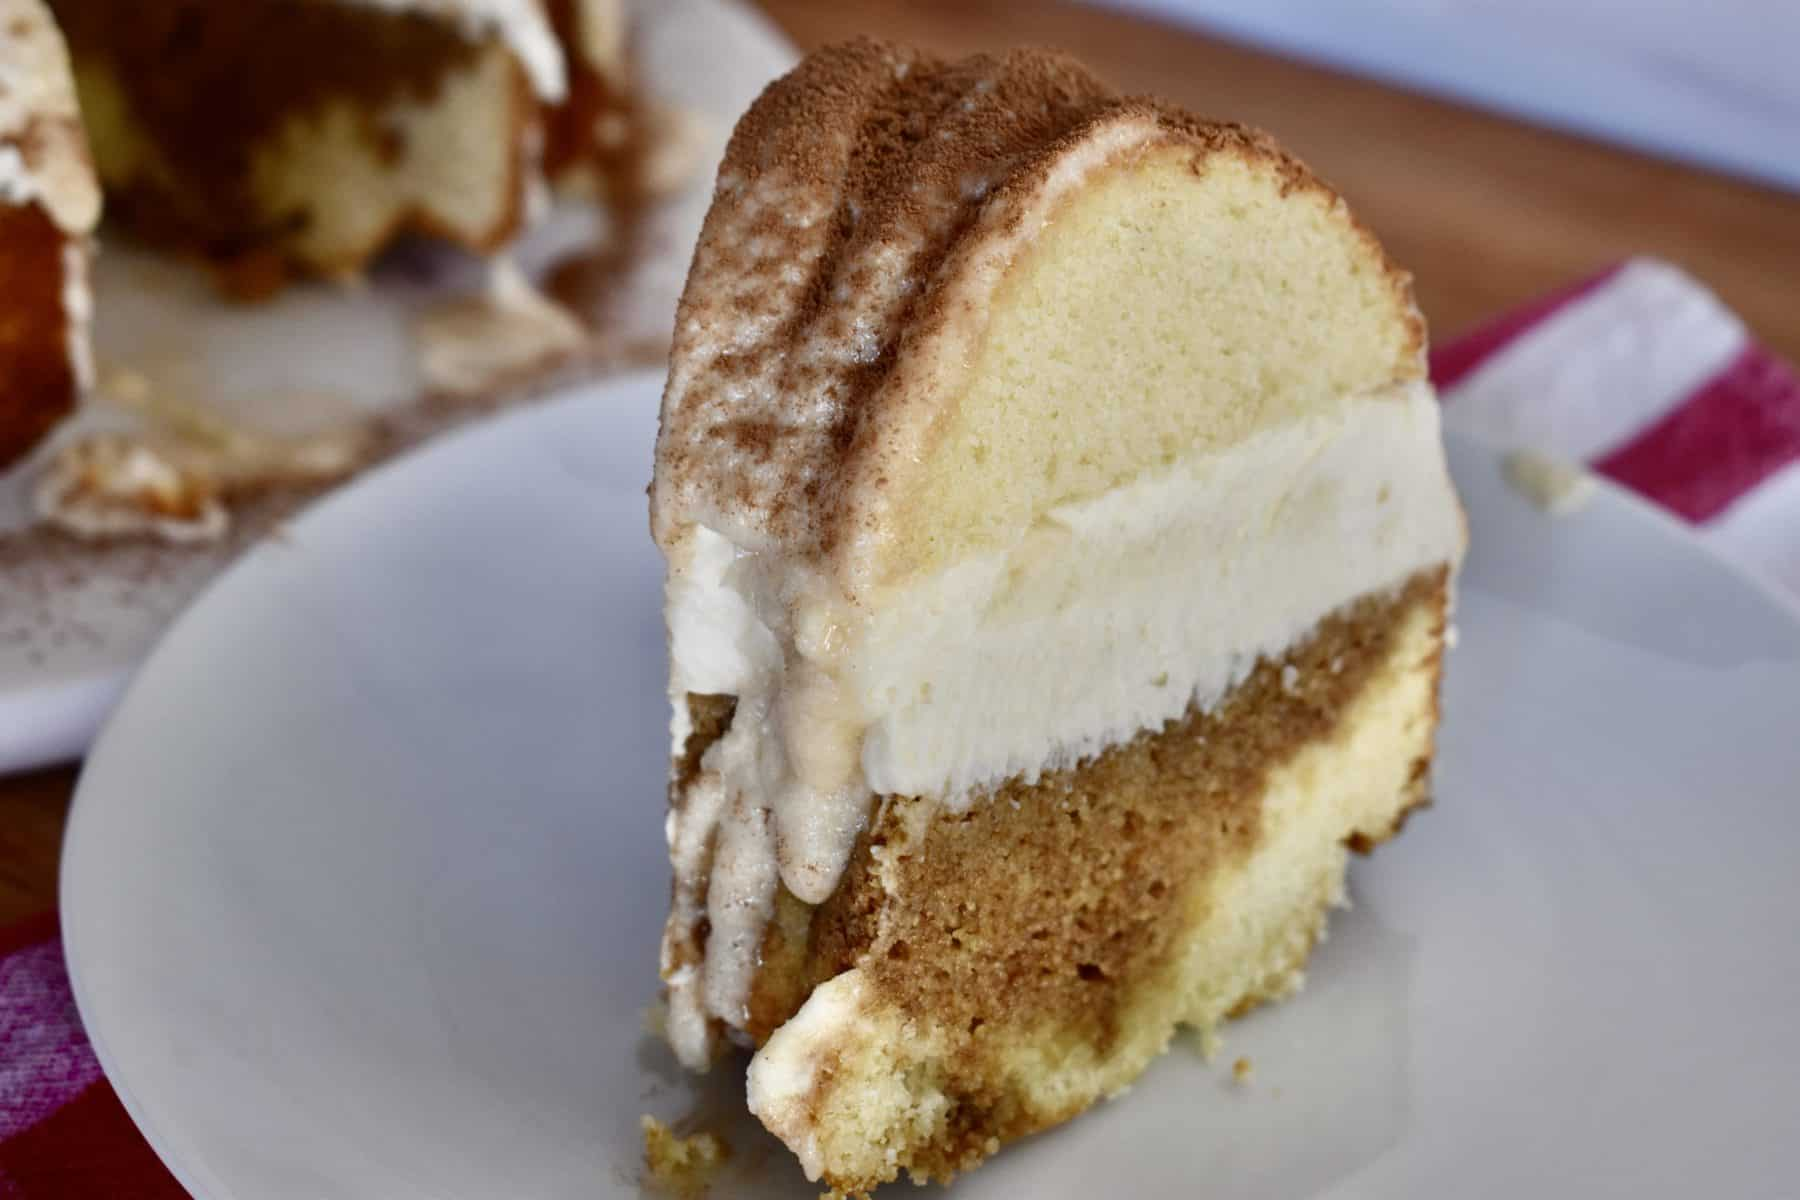 Slice of Tiramisu Bundt Cake on a white plate.